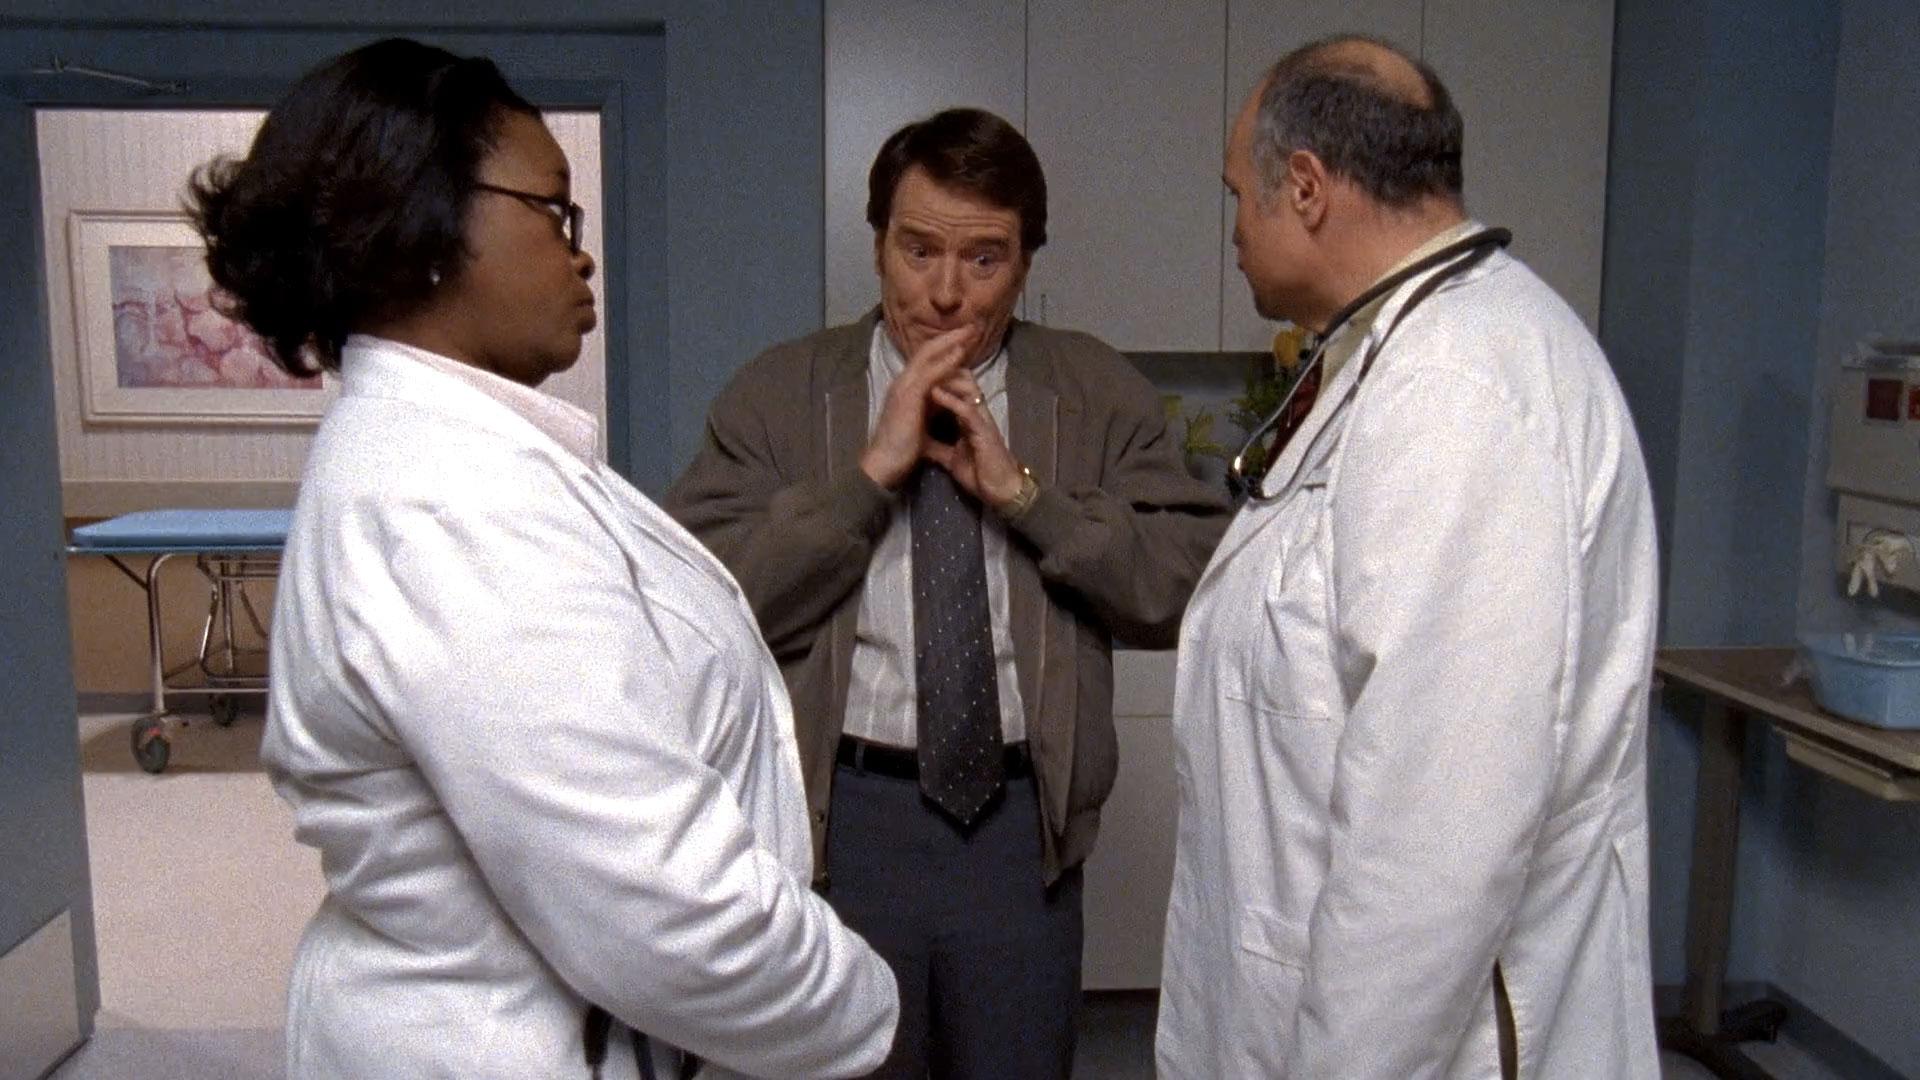 Davenia McFadden (Dr. Samson), Bryan Cranston (Hal) et Michael McShane (Dr. Phelps) dans